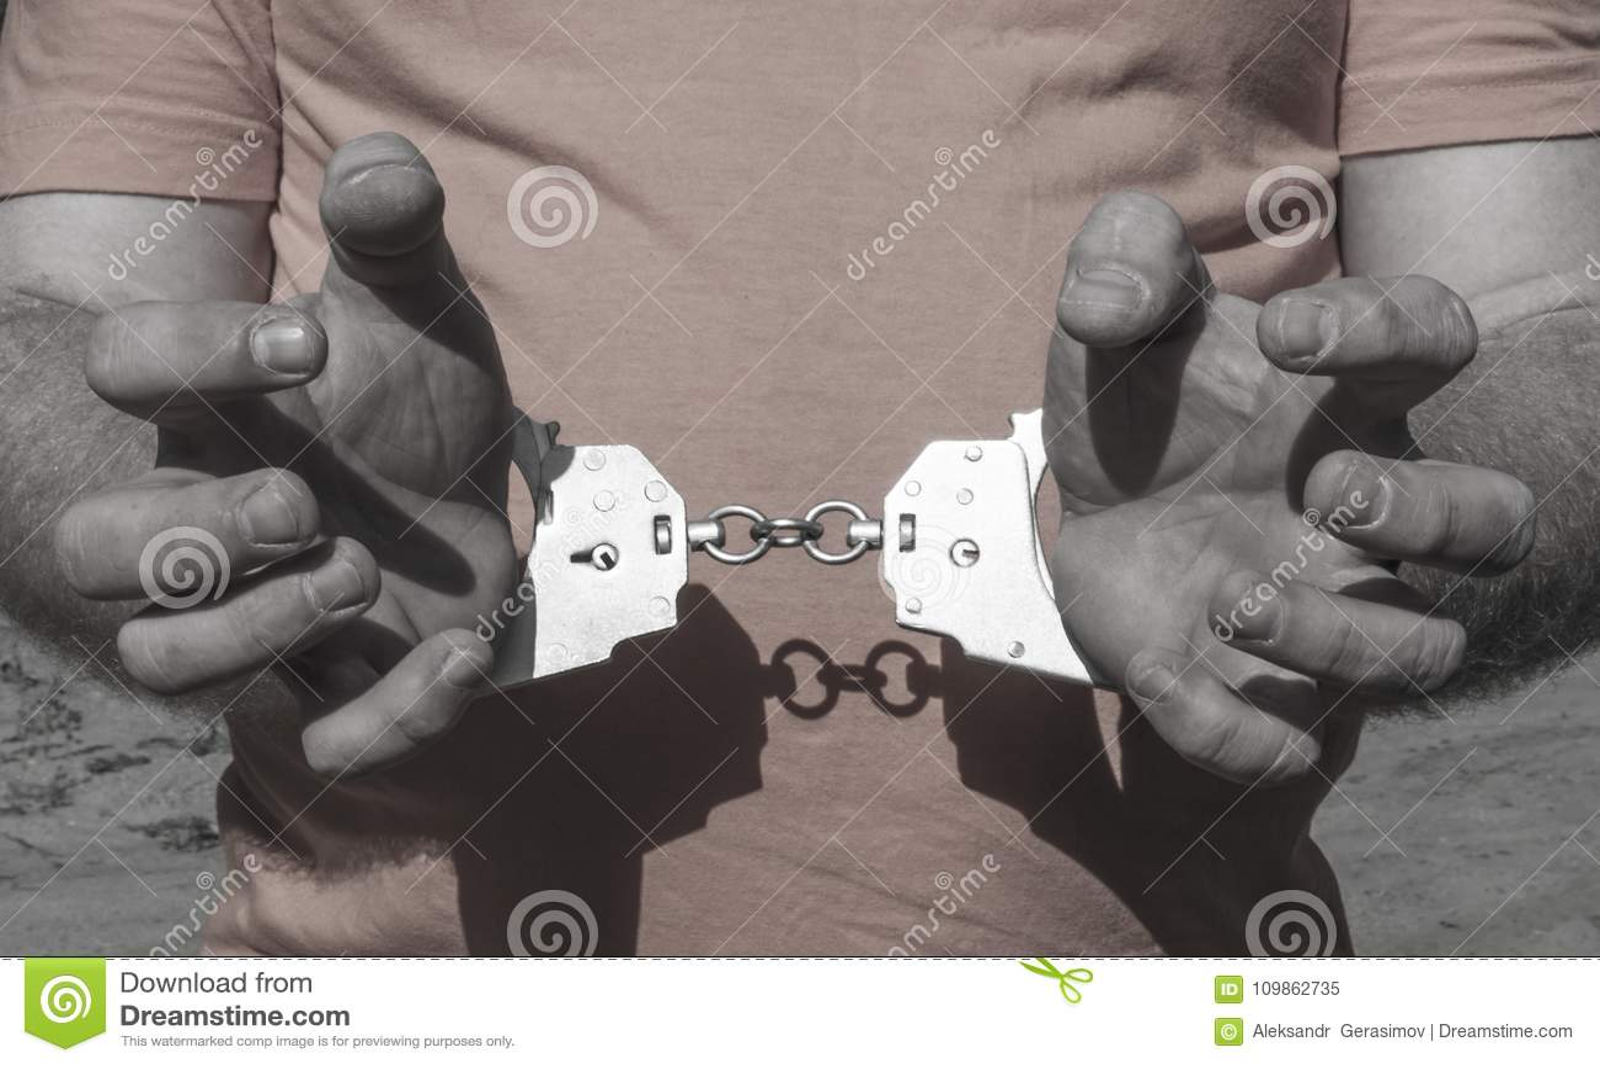 Photos de nos belles - Page 8 Mains-d-un-homme-brutal-dans-des-menottes-derri%C3%A8re-son-dos-sur-t-shirt-orange-punition-criminelle-emprisonnement-en-prison-109862735